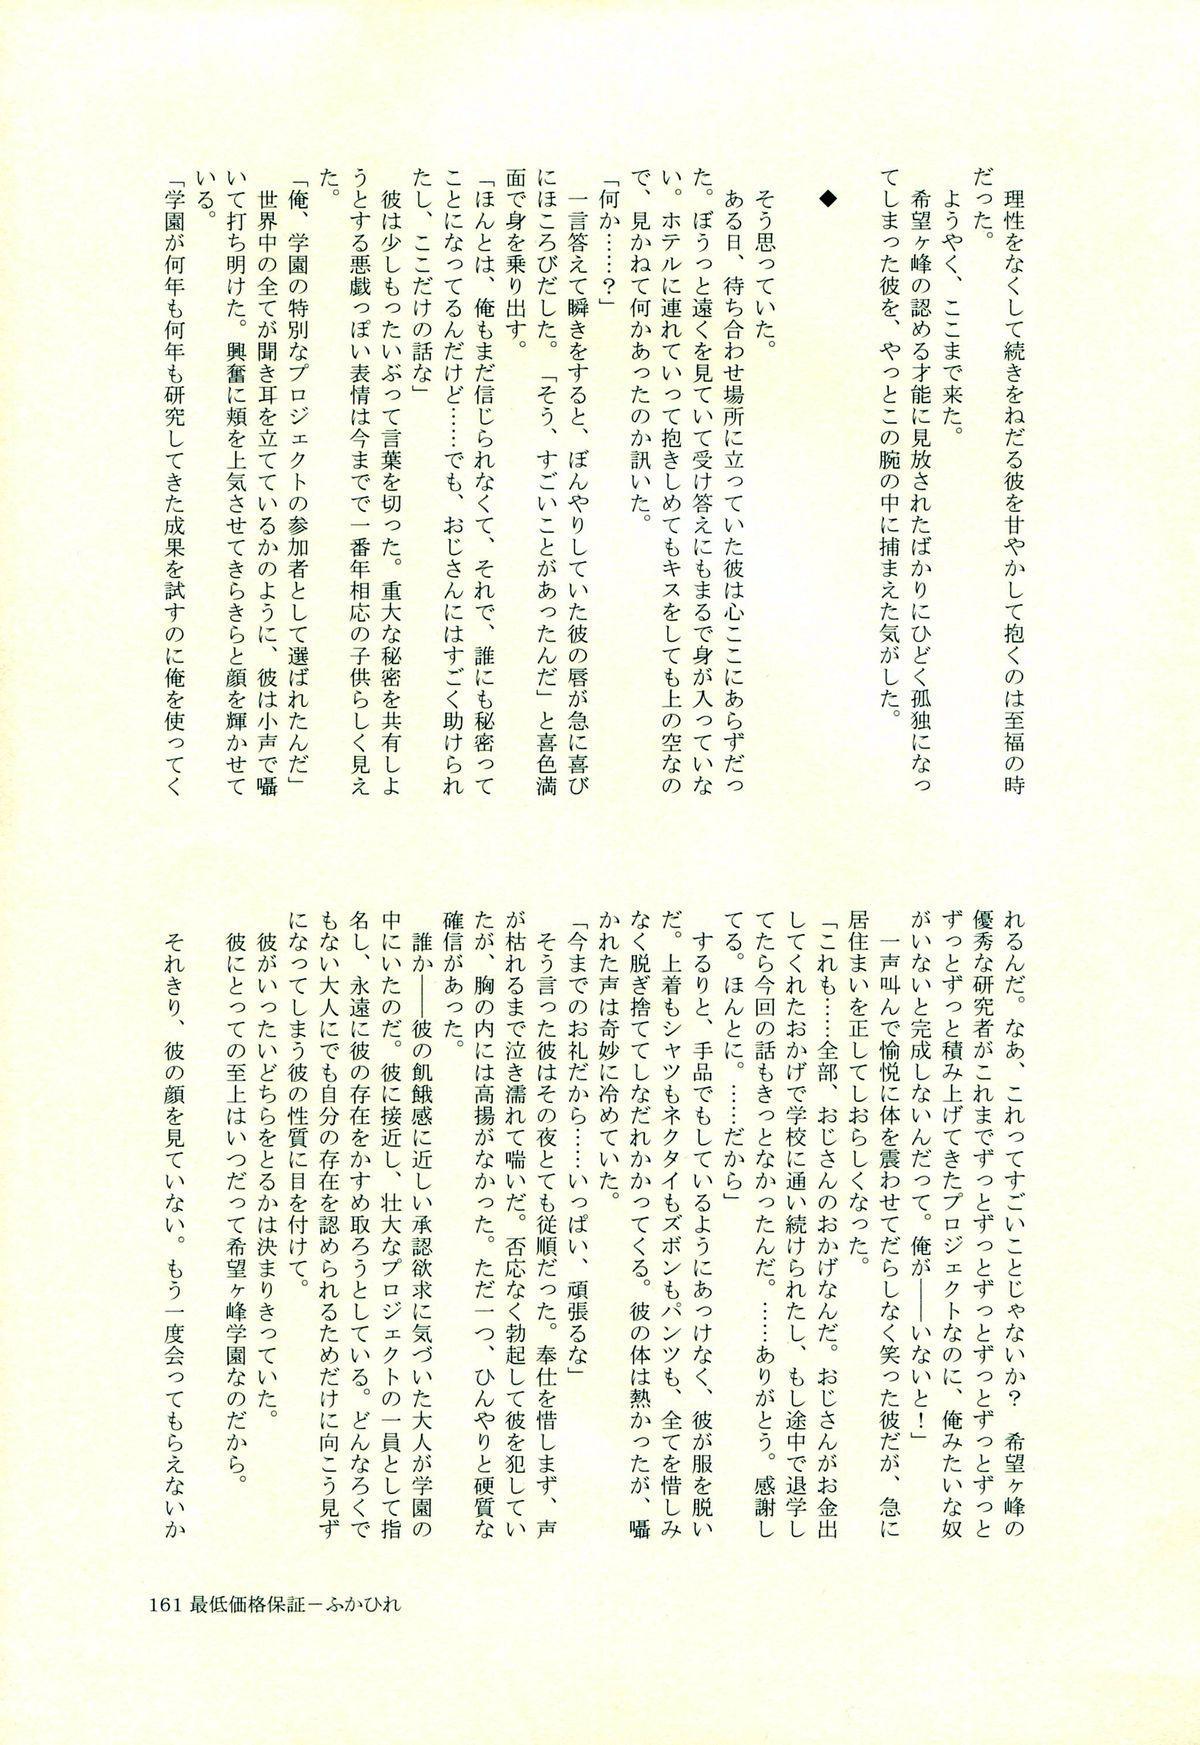 Hinata Hajime no Himitsu no Jikan 159